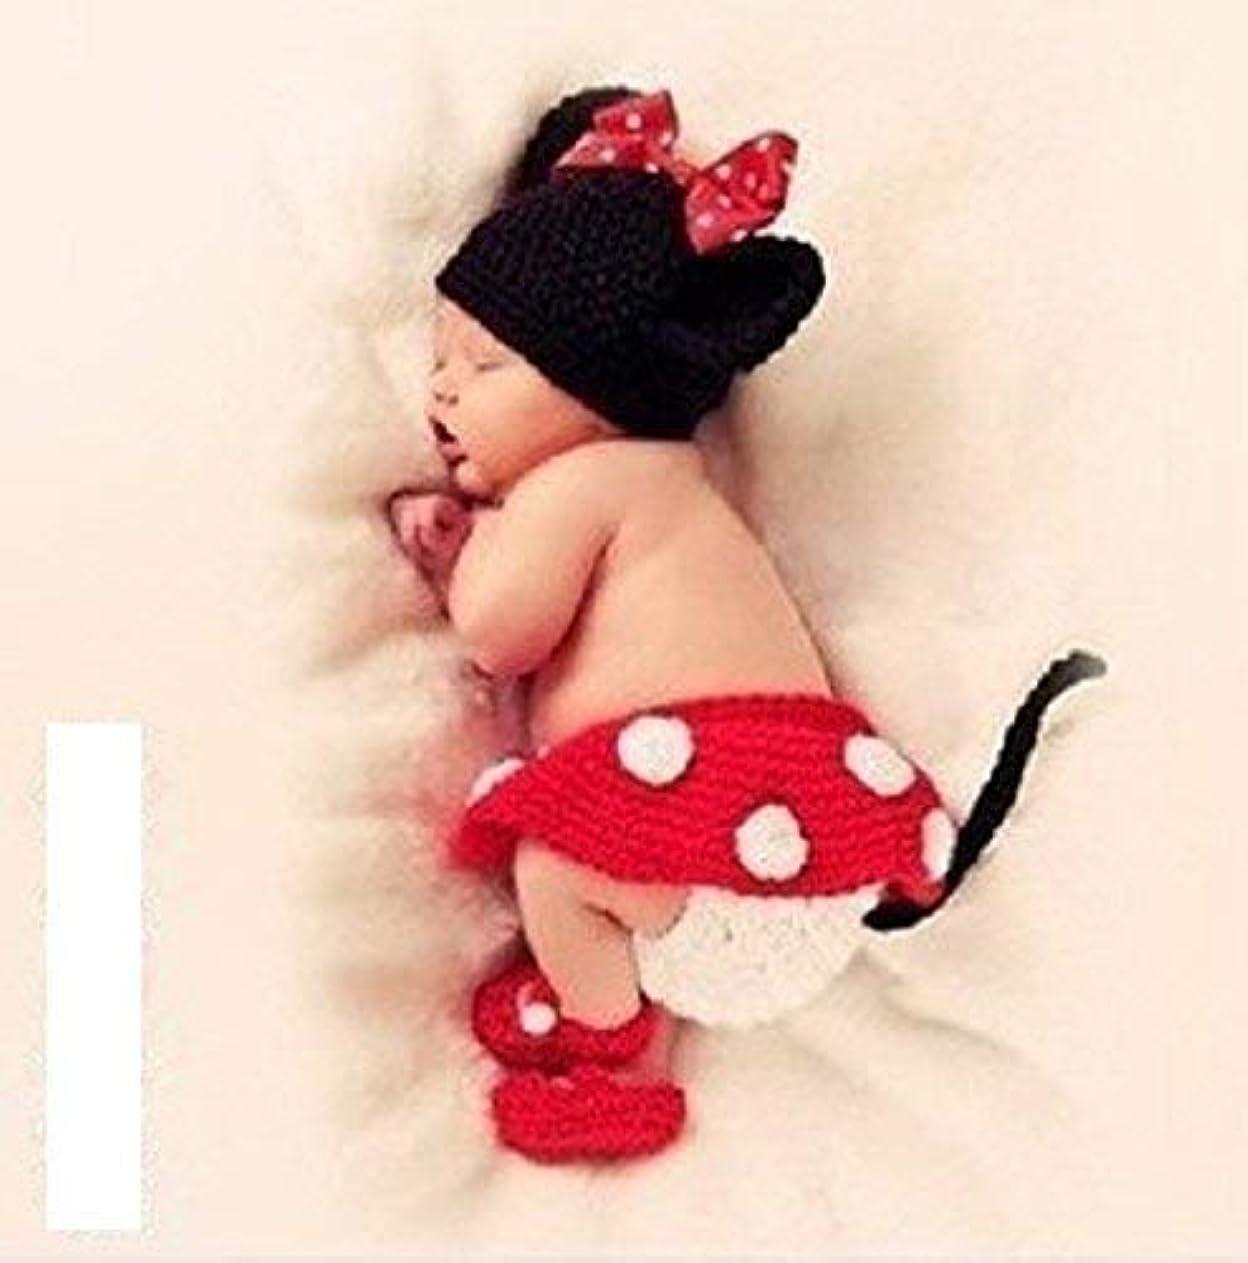 否定する作る実業家Yamiko ベビー用着ぐるみ ベビー服 コスチューム スイマーバ 寝相アート 記念写真/写真撮影用 出産祝い (ミッキー マウス) 女の子 男の子 出産祝い プレゼント